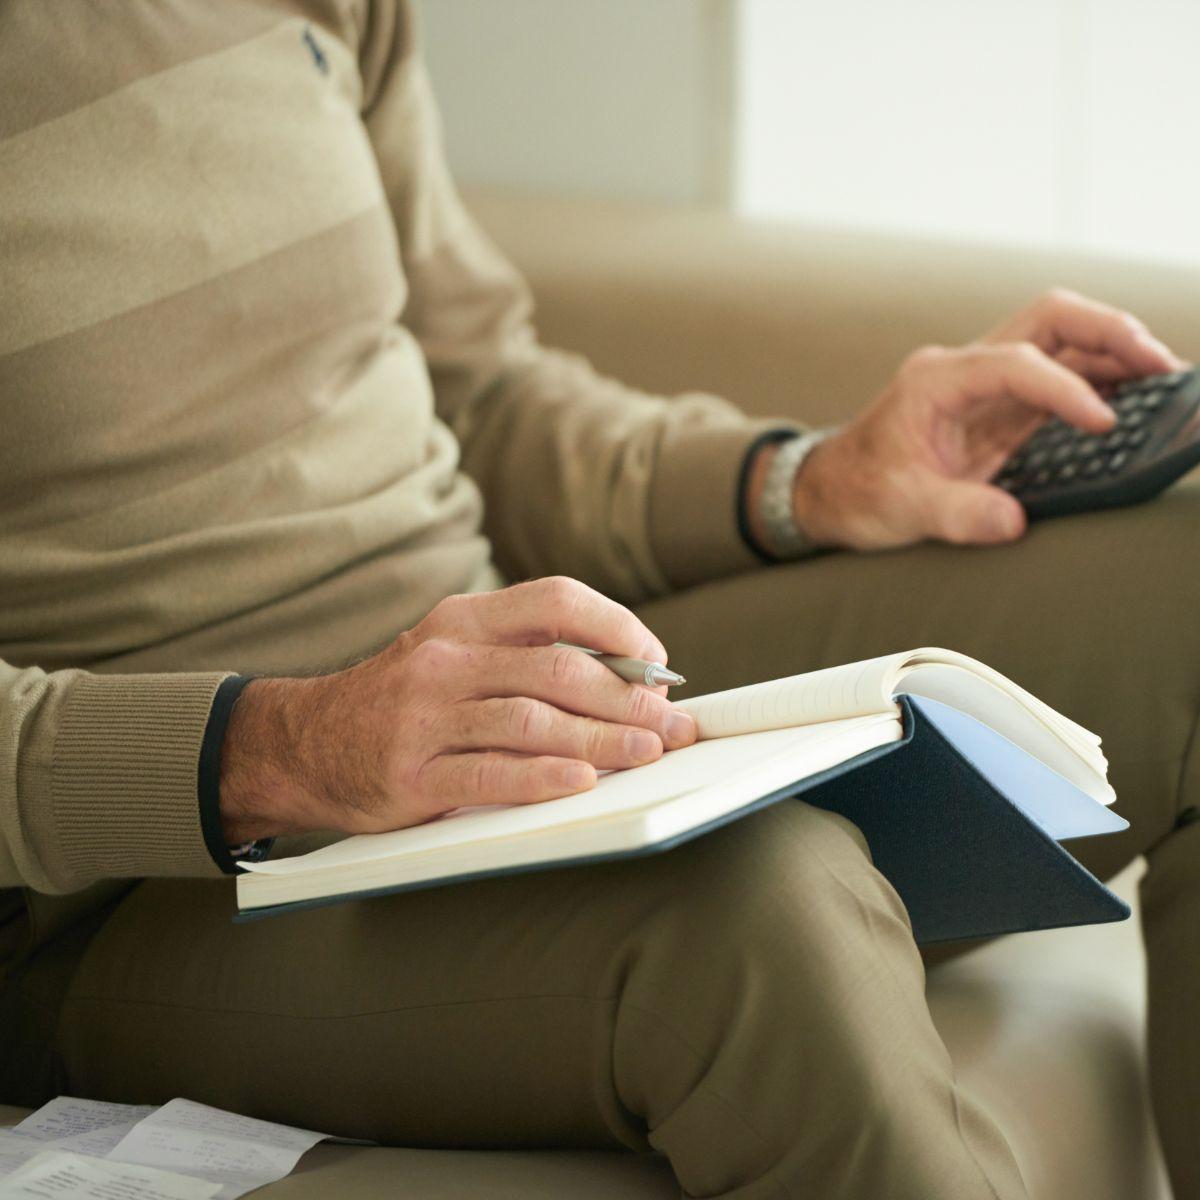 תהליך של תכנון פרישה